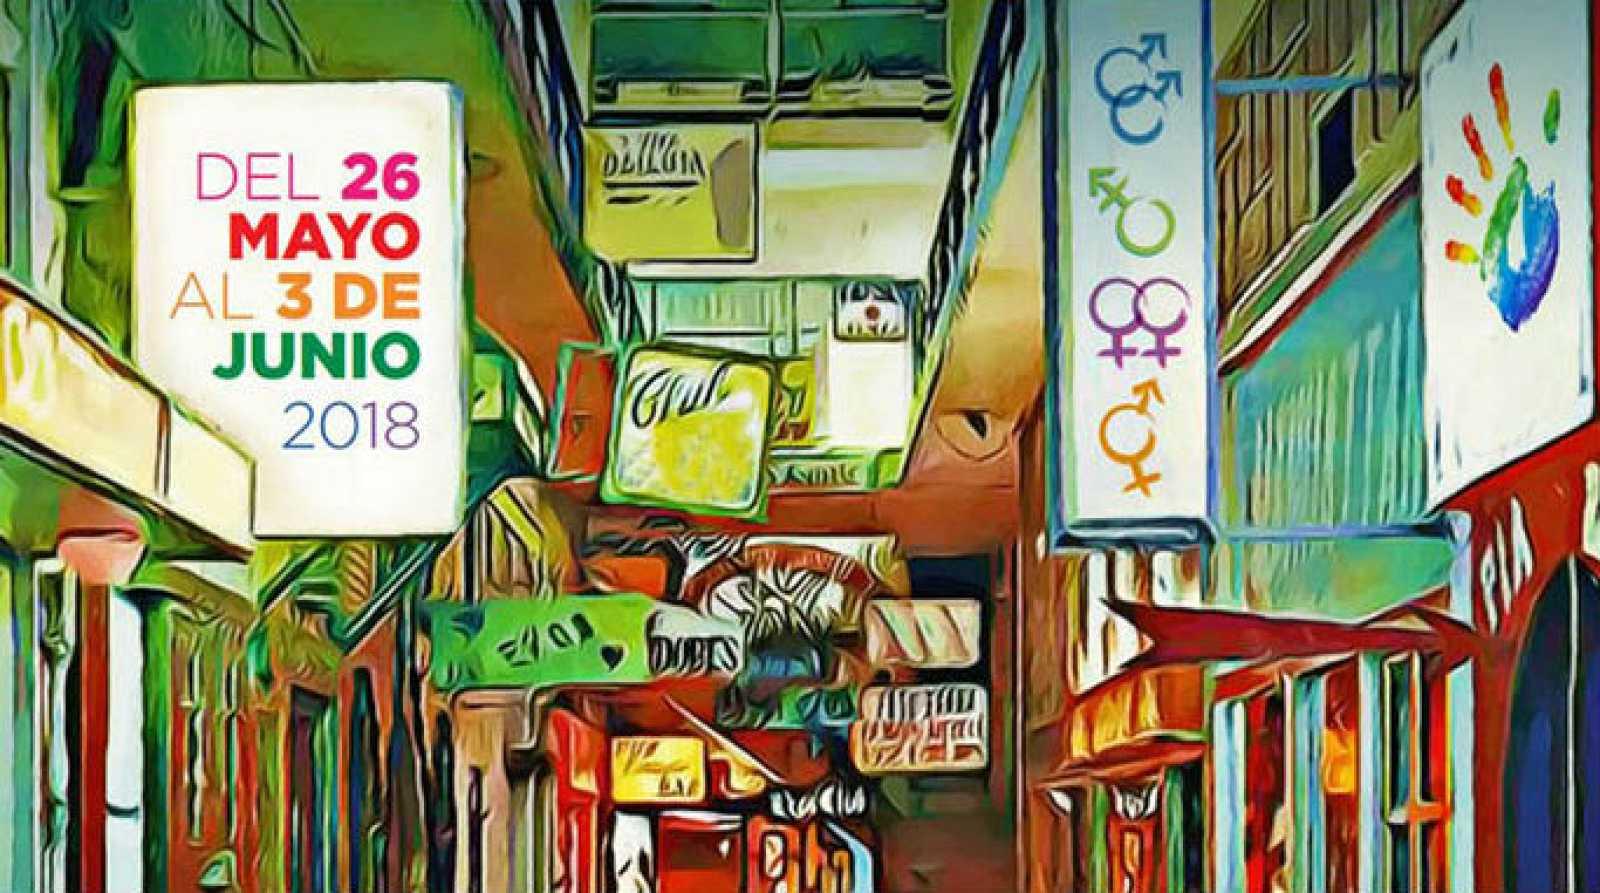 Wisteria Lane - Conocemos la historia del Pasaje Begoña, el Stonewall español - 24/11/18 - Escuchar ahora